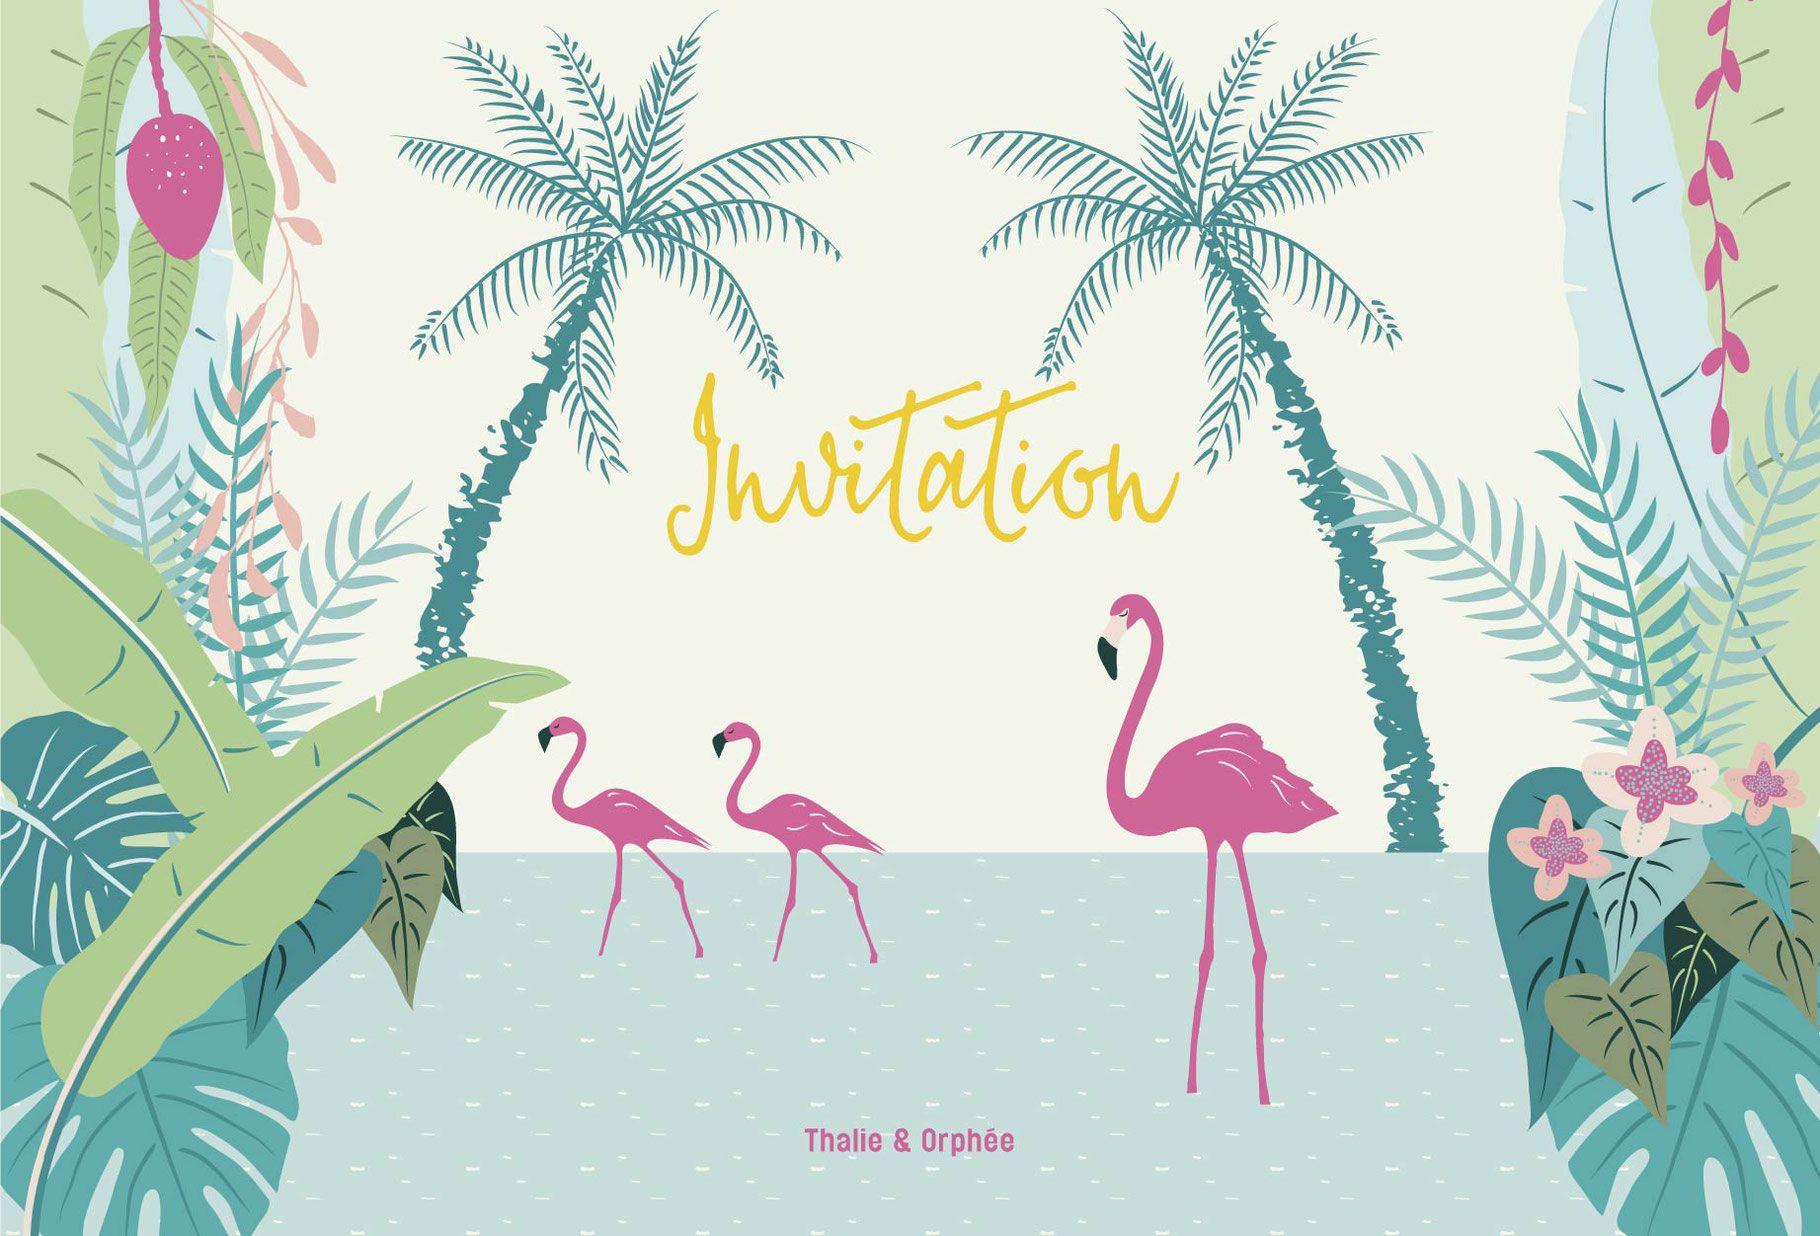 cartes invitation jungle pour fetes d